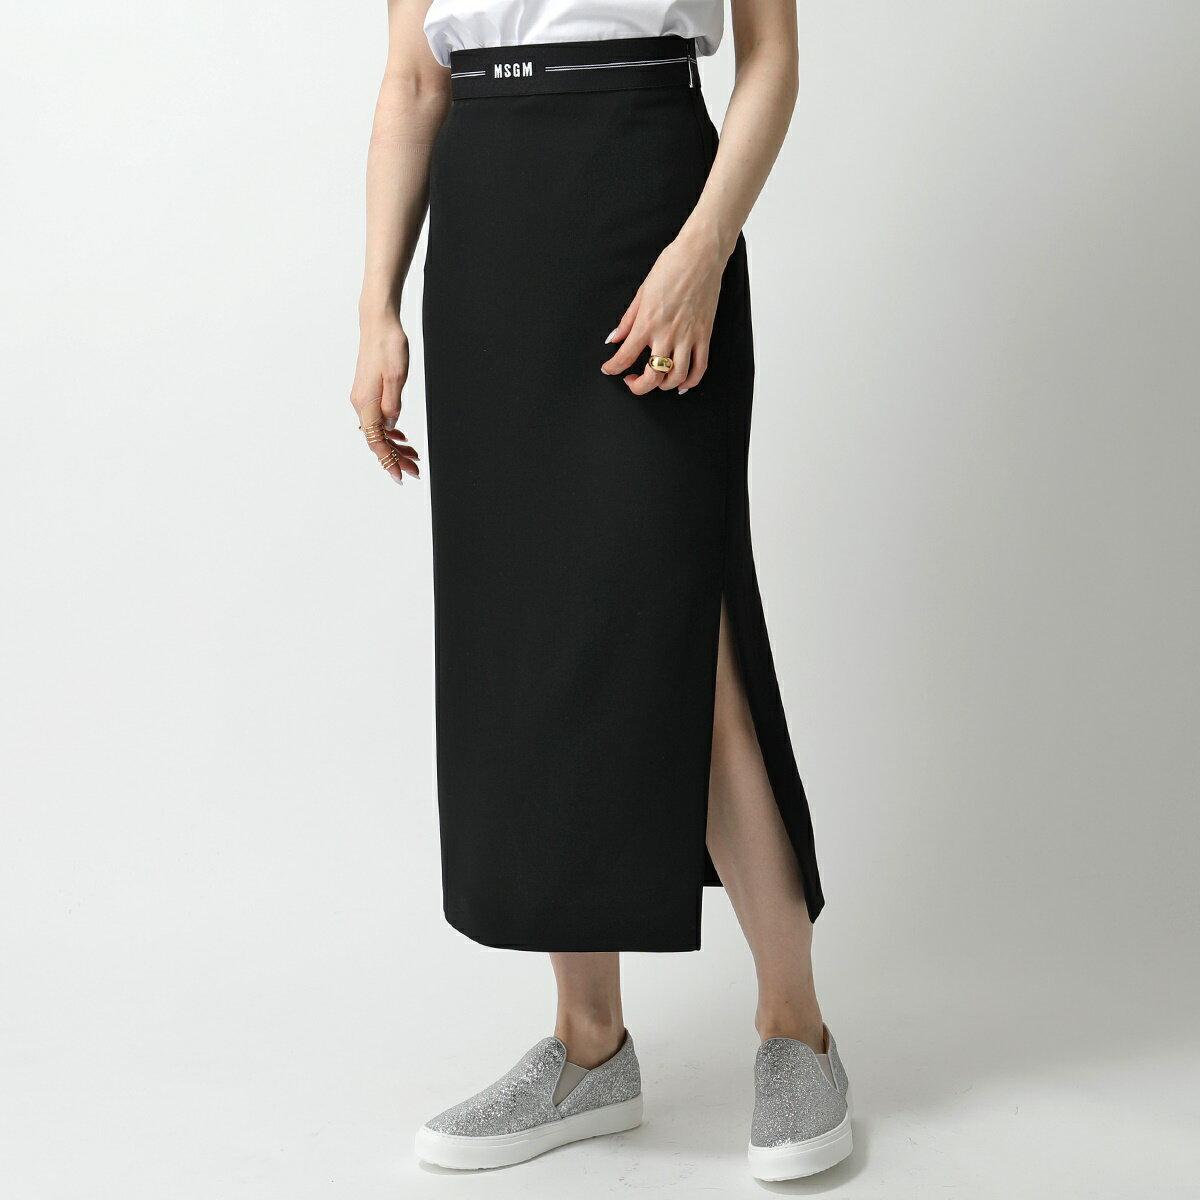 ボトムス, スカート MSGM 2841 MDD25 99